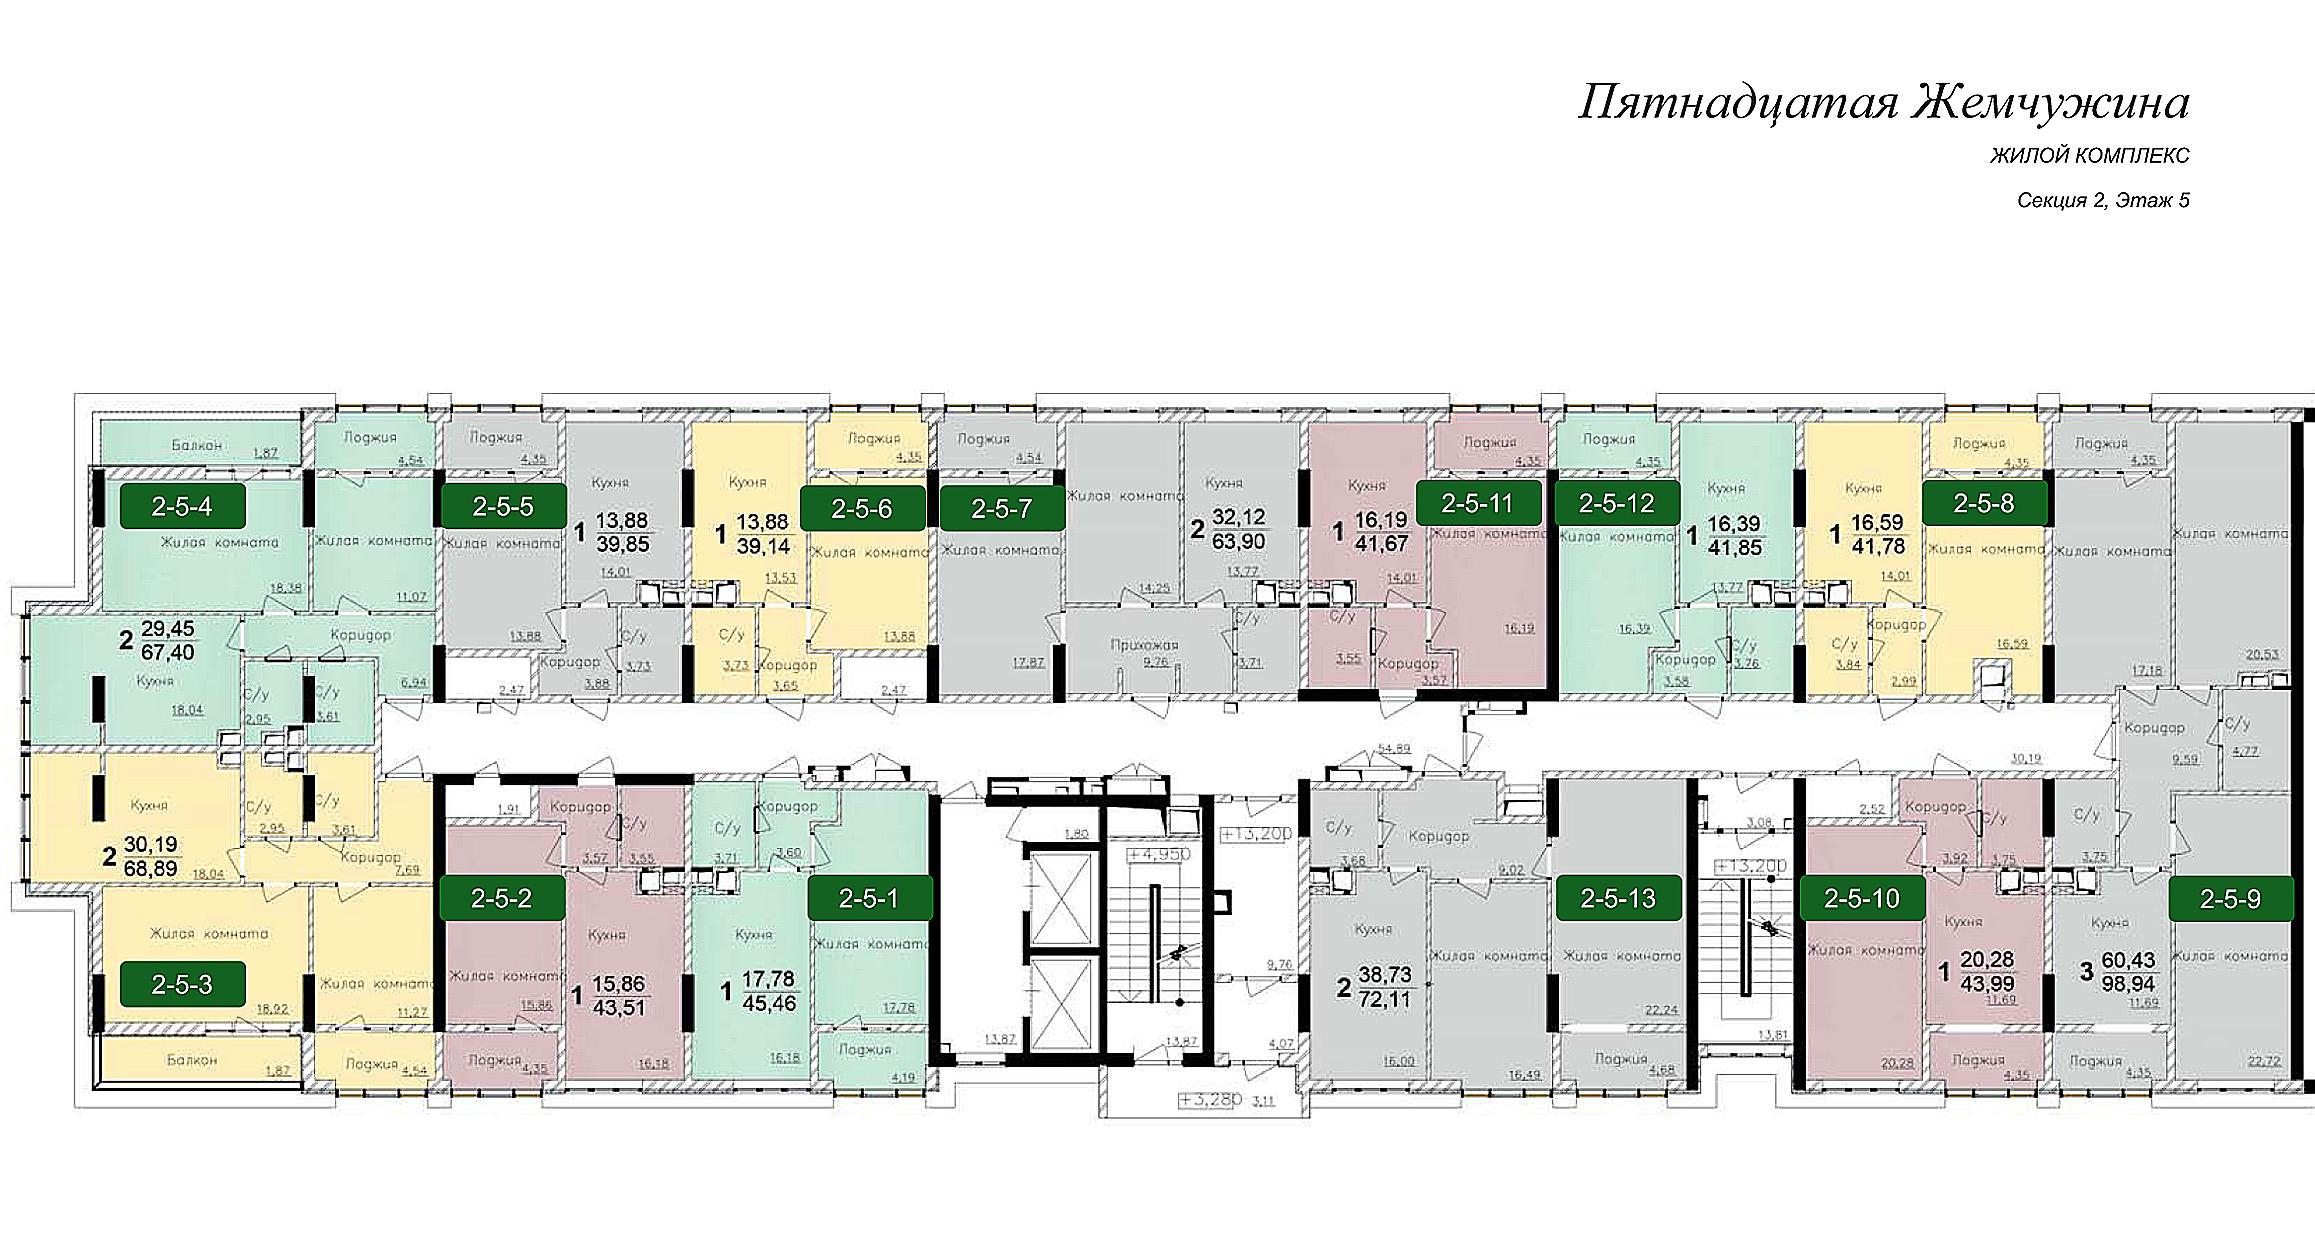 Кадорр, 15 Жемчужина, Планировка cекция 2, этаж 5